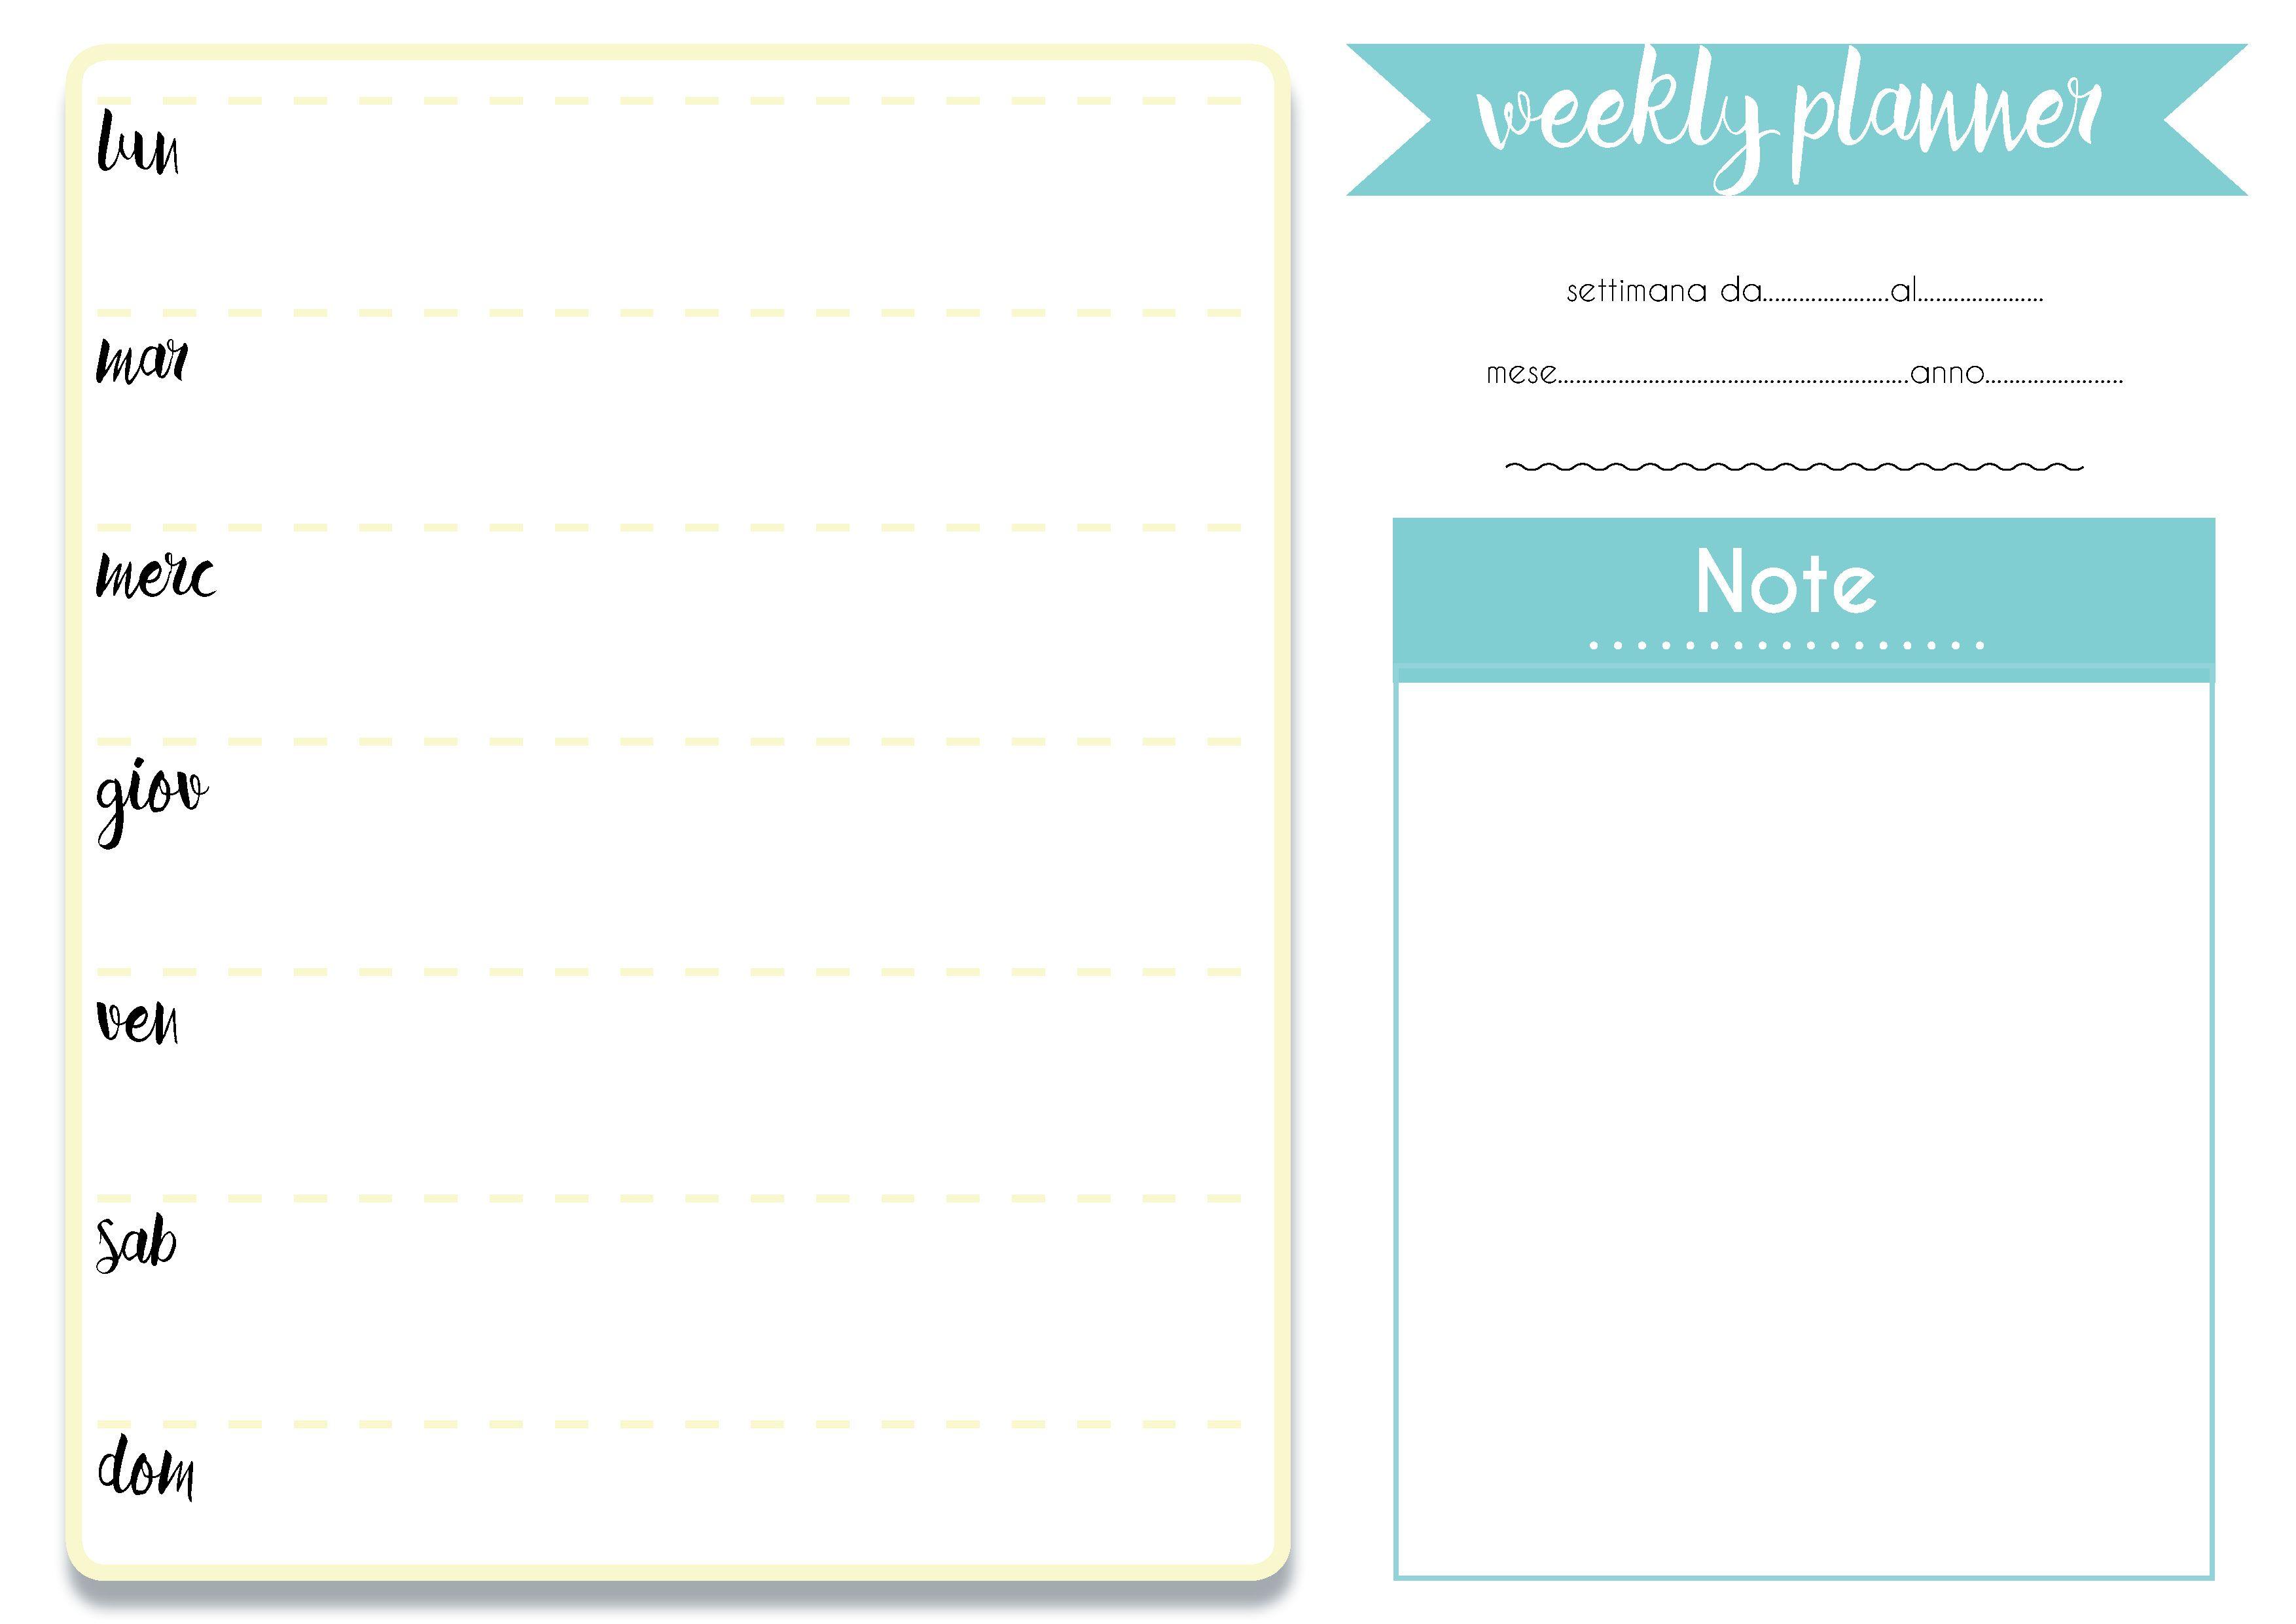 Ben noto Il planner settimanale da scaricare e stampare | Bigodino VI93